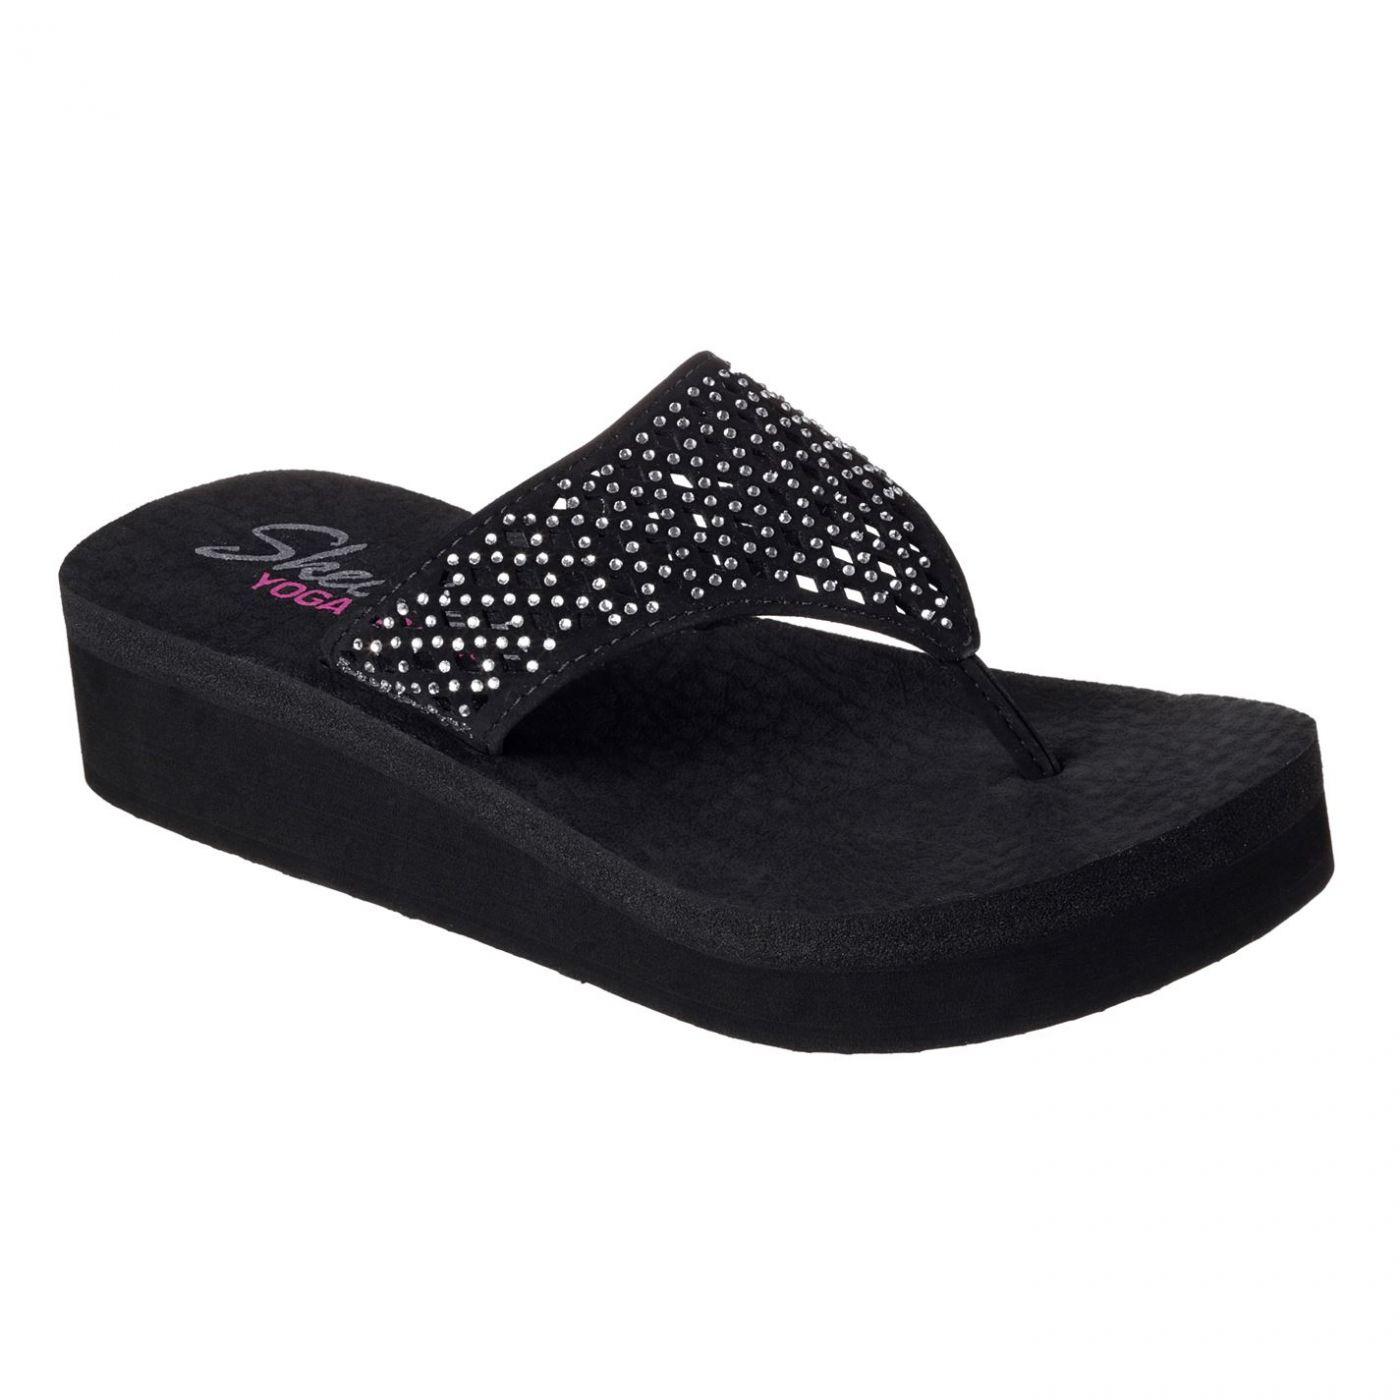 Skechers Vinyasa Flo Ladies Wedge Flip Flops